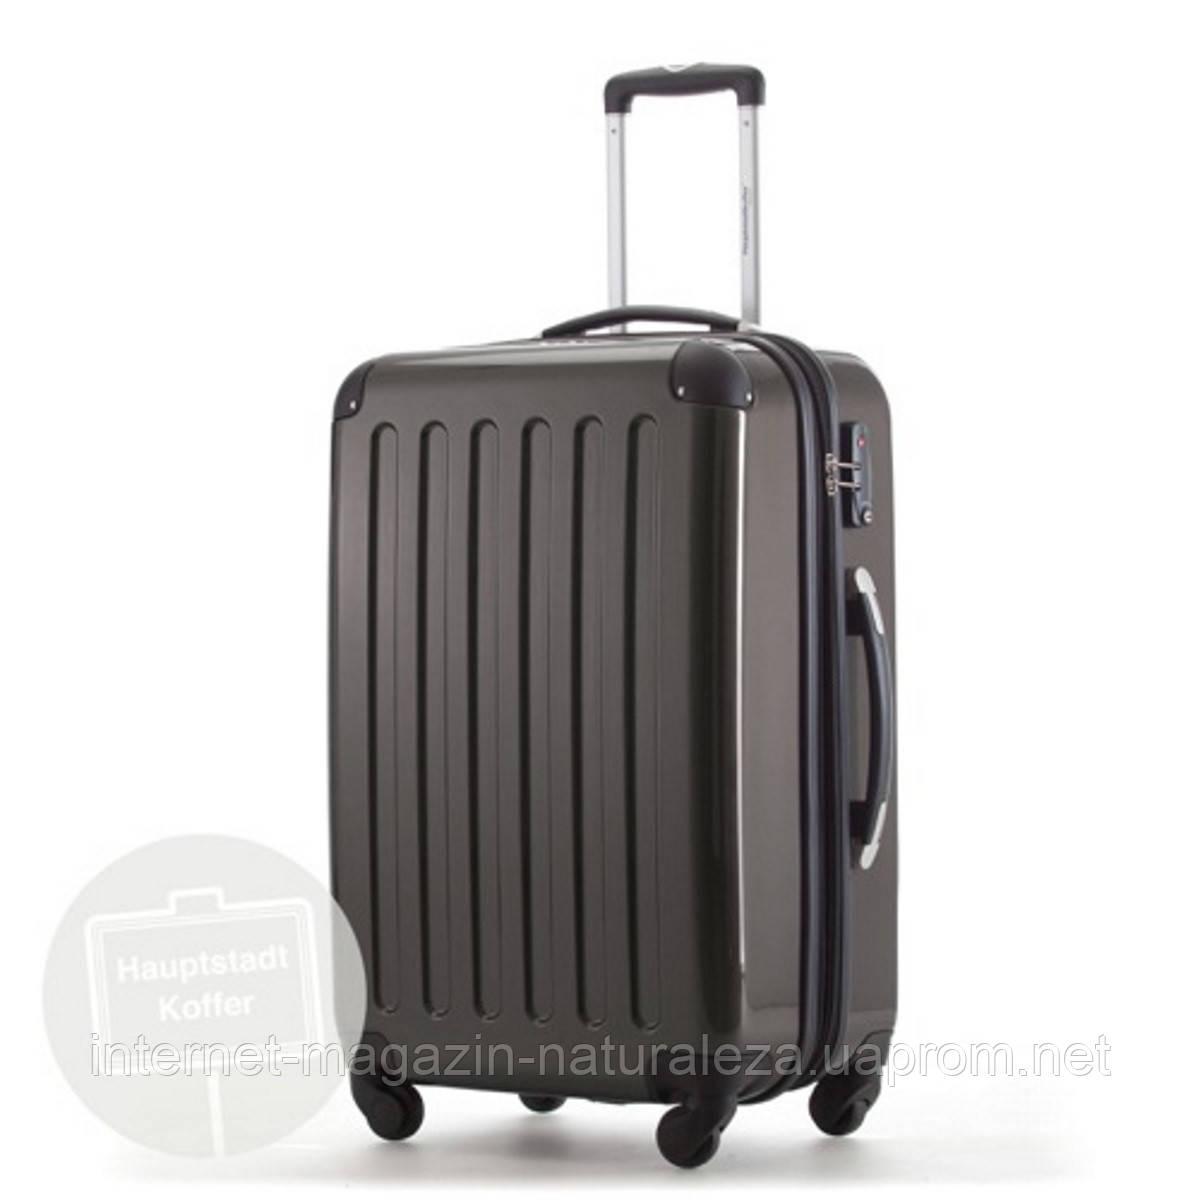 Дорожный чемодан Hauptstadtkoffer Alex Midi графитовый